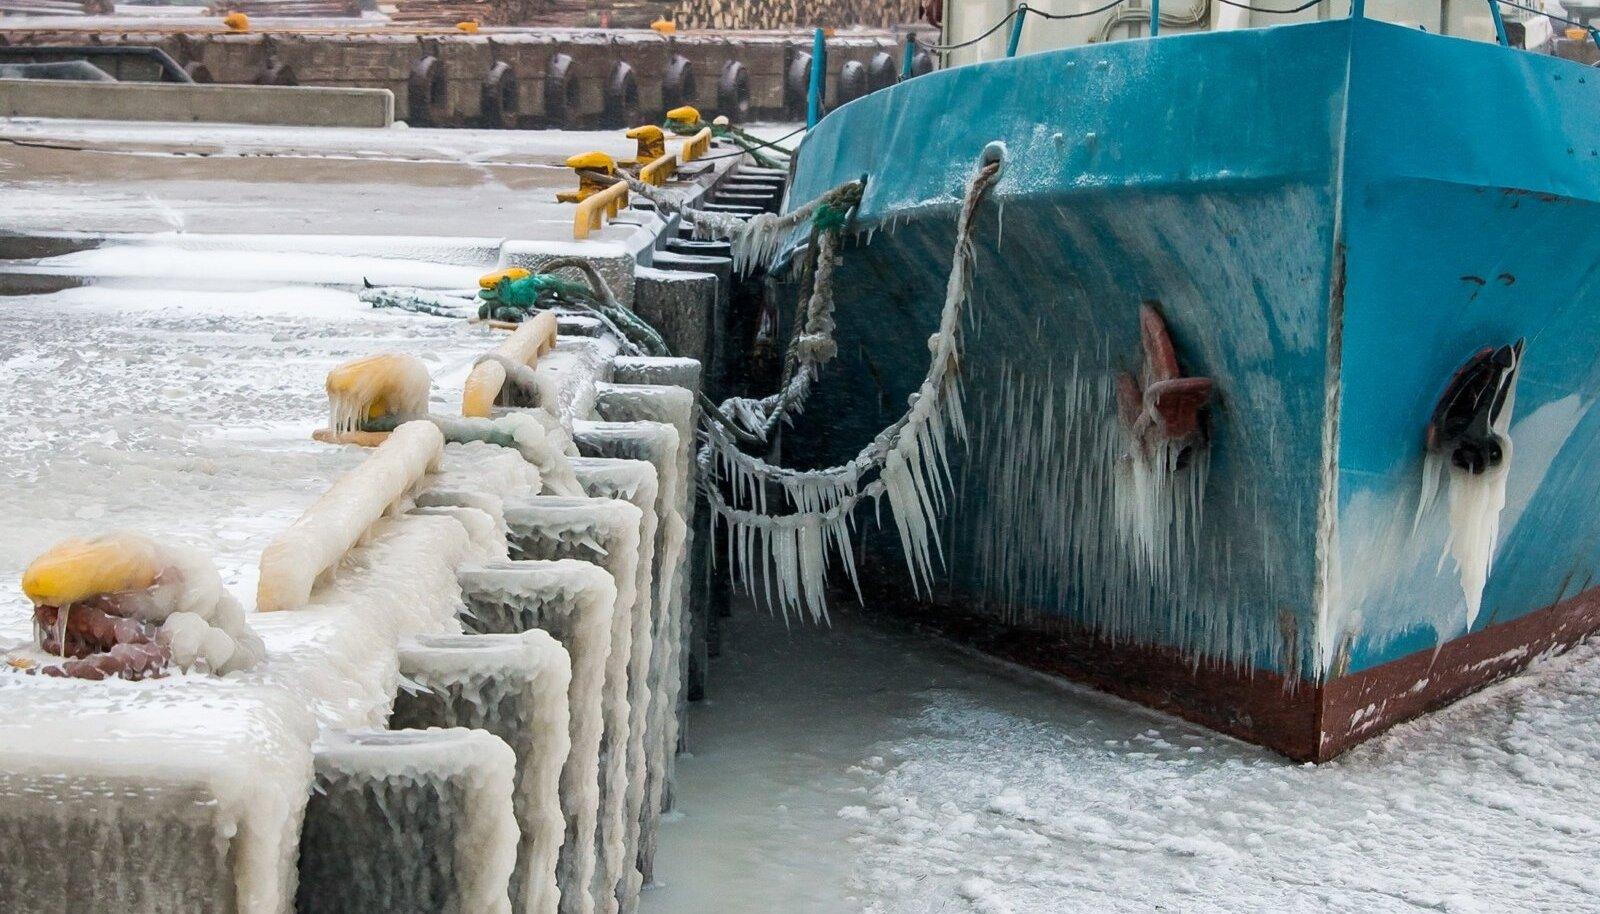 Saaremaal on kaks päeva tuisanud ja temperatuur neljapäeval jäi alla -12 kraadi. Sõrves oli võimalik tuule, vee ja külma kunstiteoseid näha, Roomassaare sadamas jäätusid laevad. Õhtuks tuis tugevnes ja temperatuur hakkas langema.